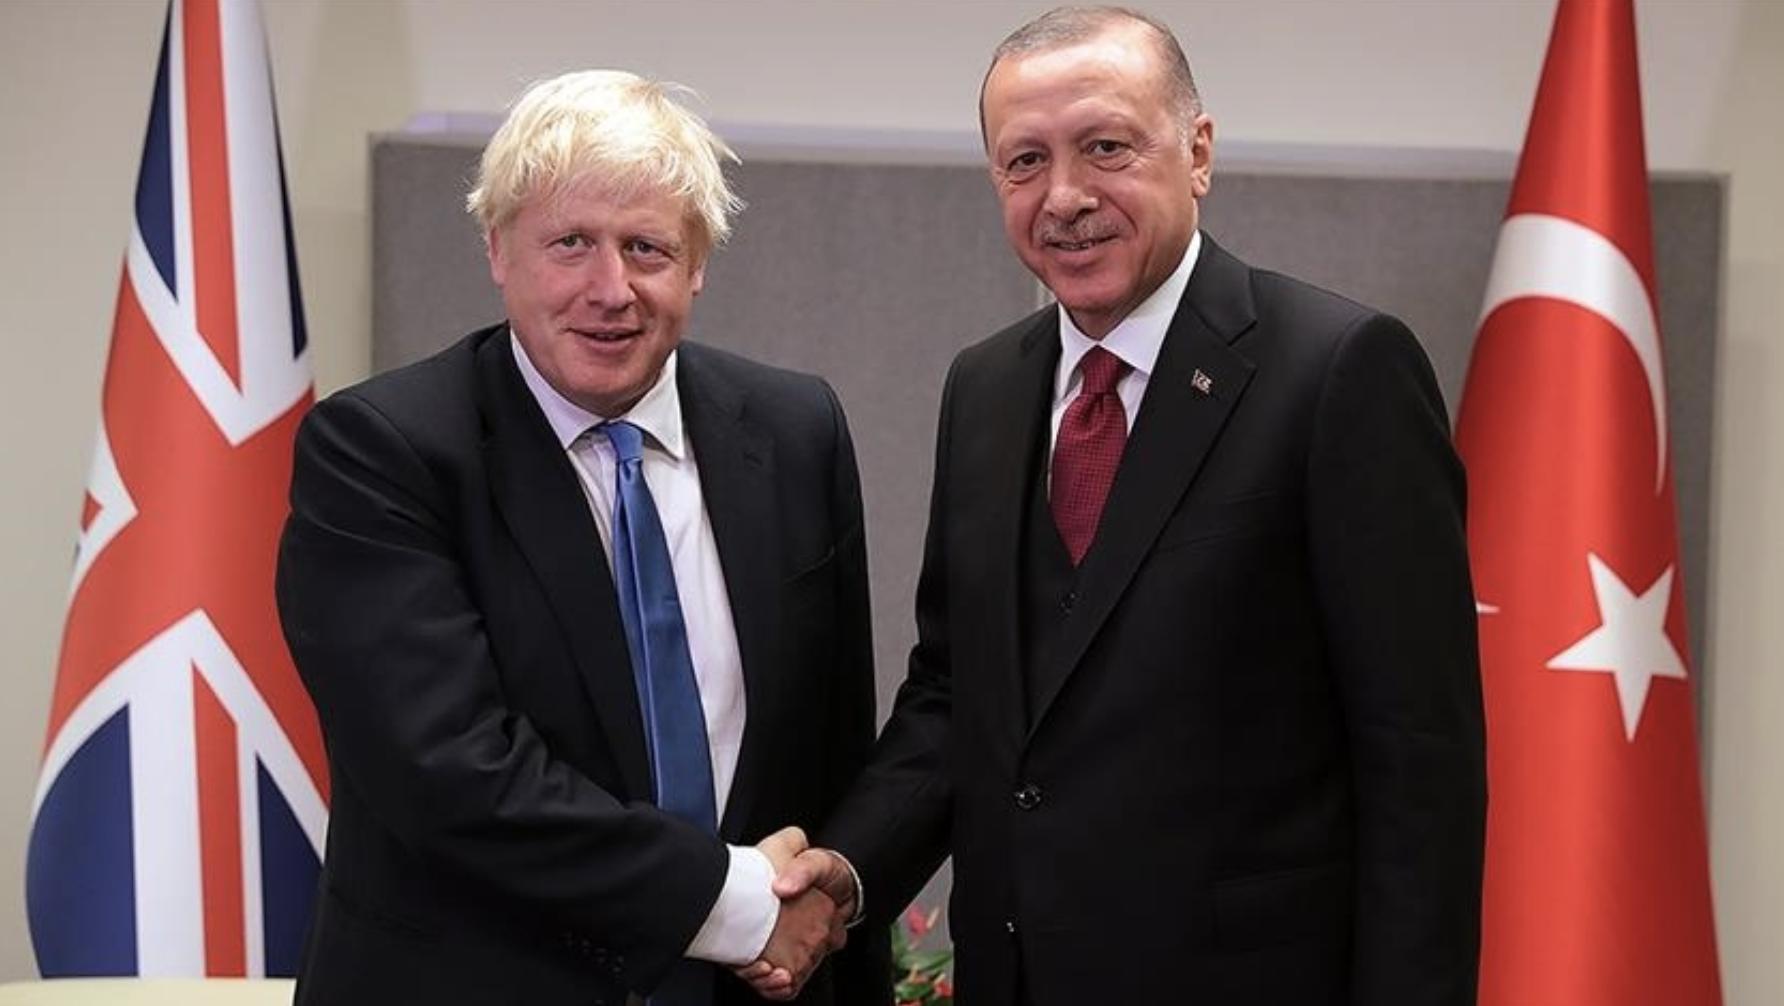 Τουρκία: Τηλεφωνική επικοινωνία Erdogan-Johnson